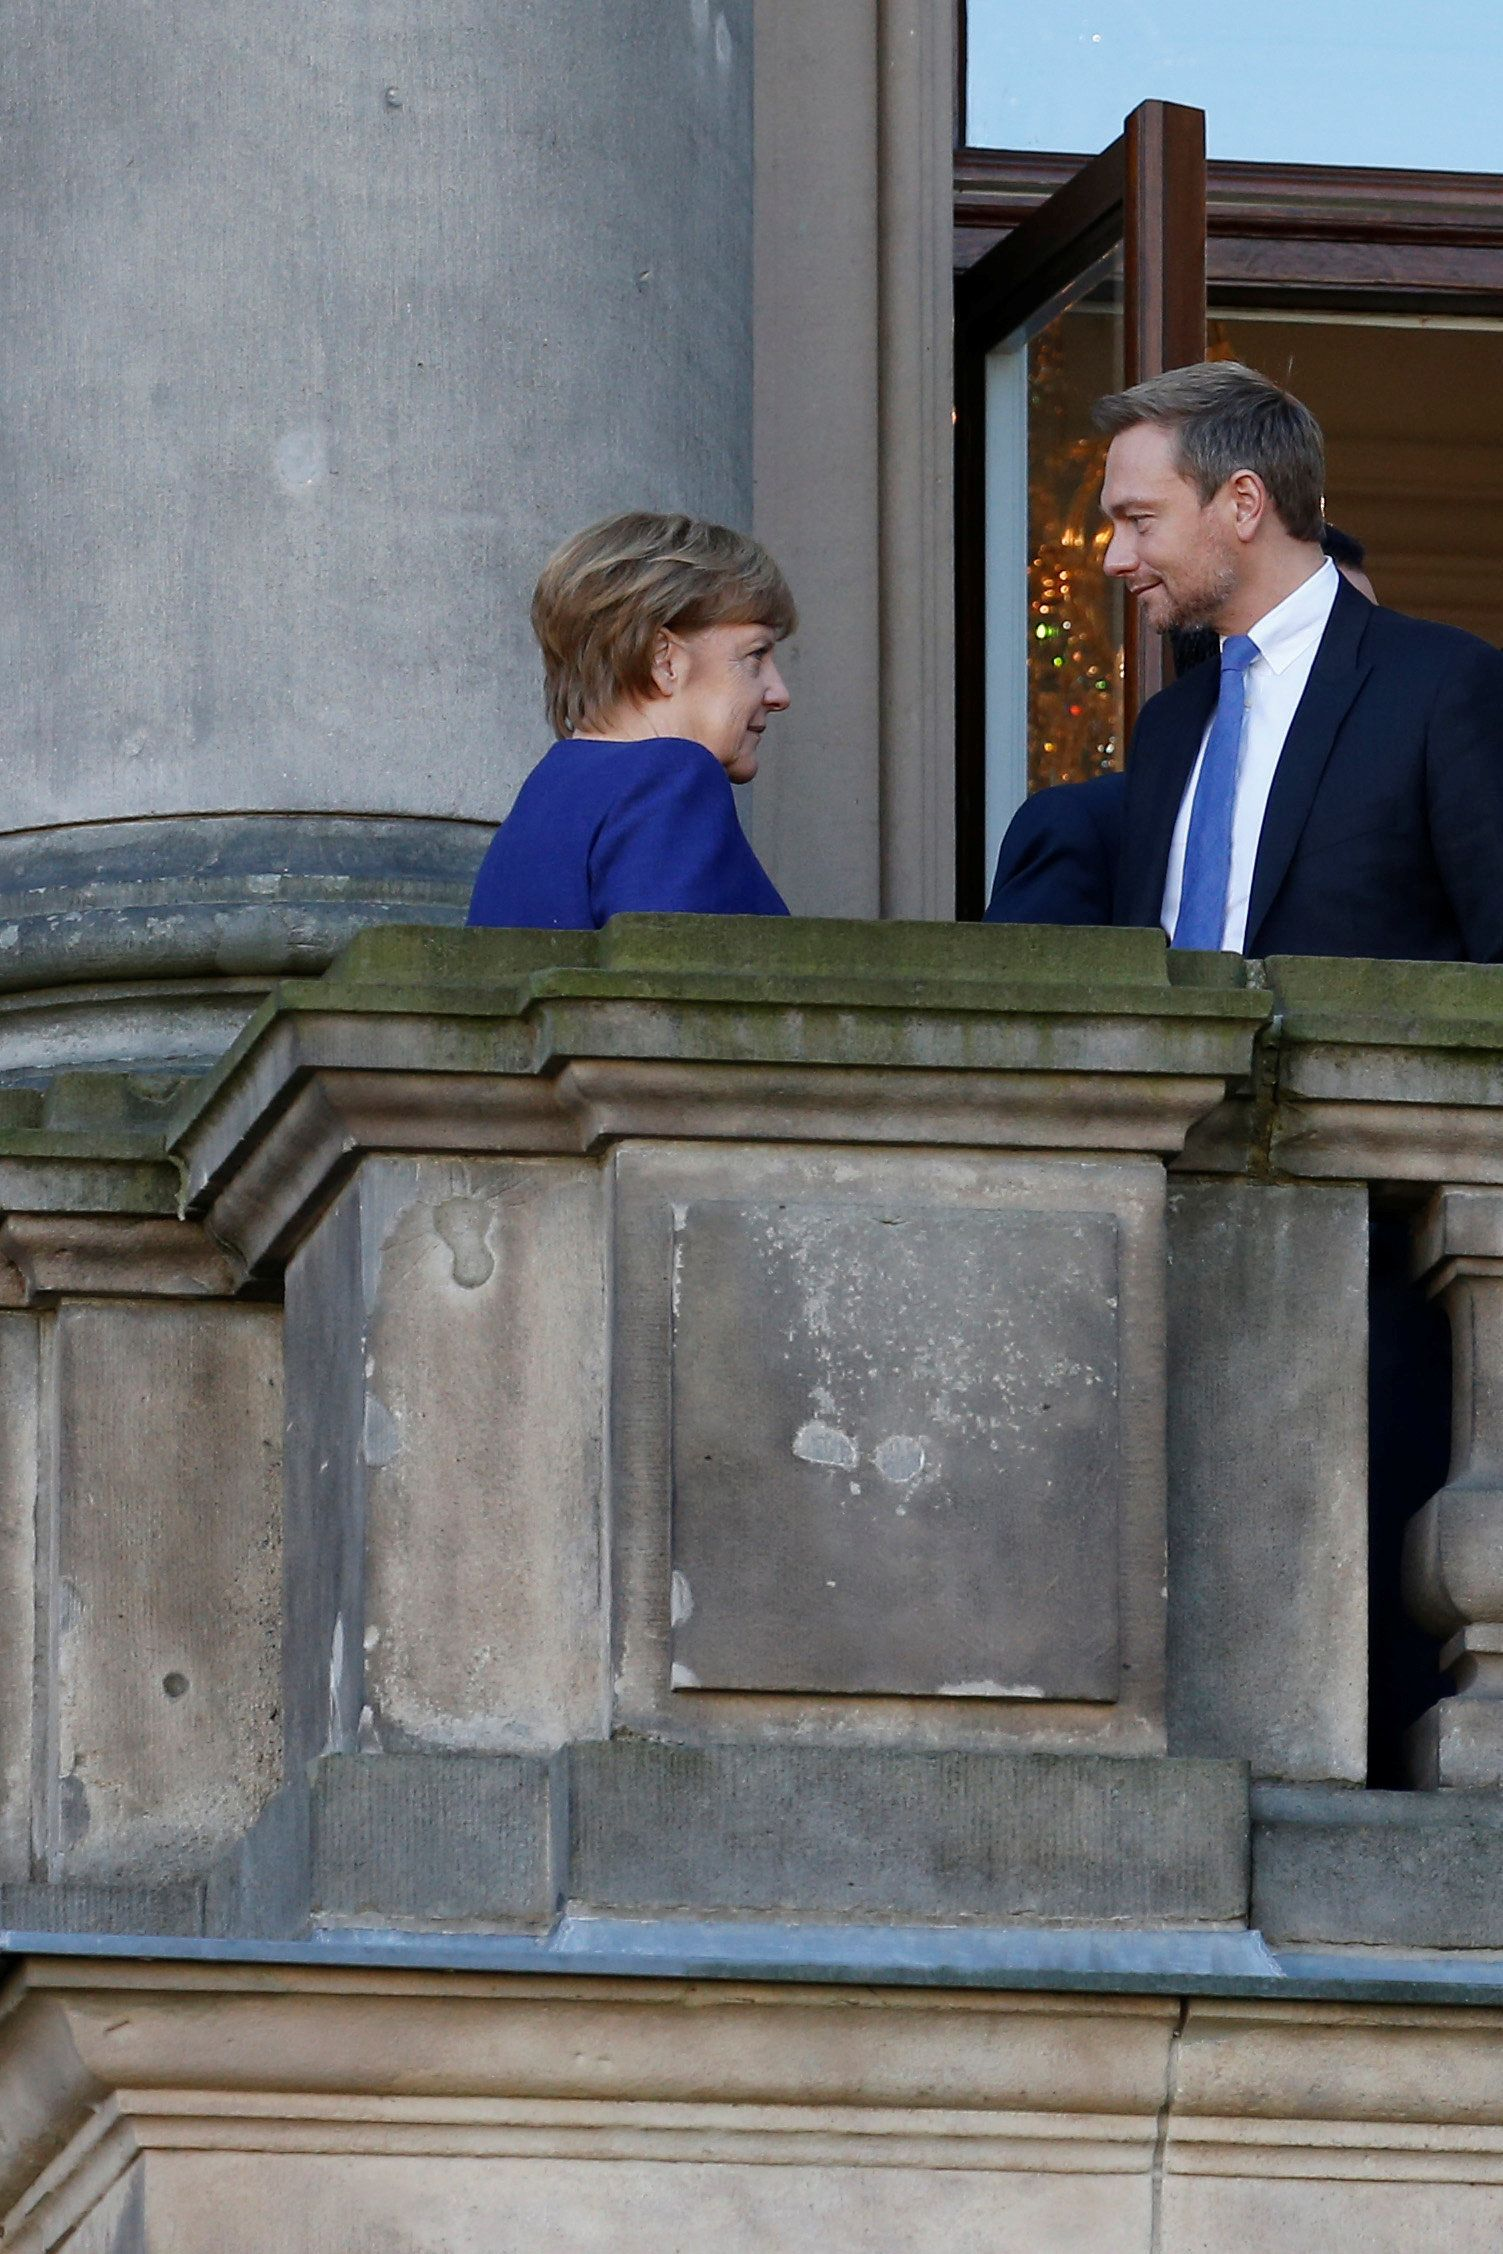 Mögliches Merkel-Aus: Bahnt sich gerade eine Jamaika-Koalition